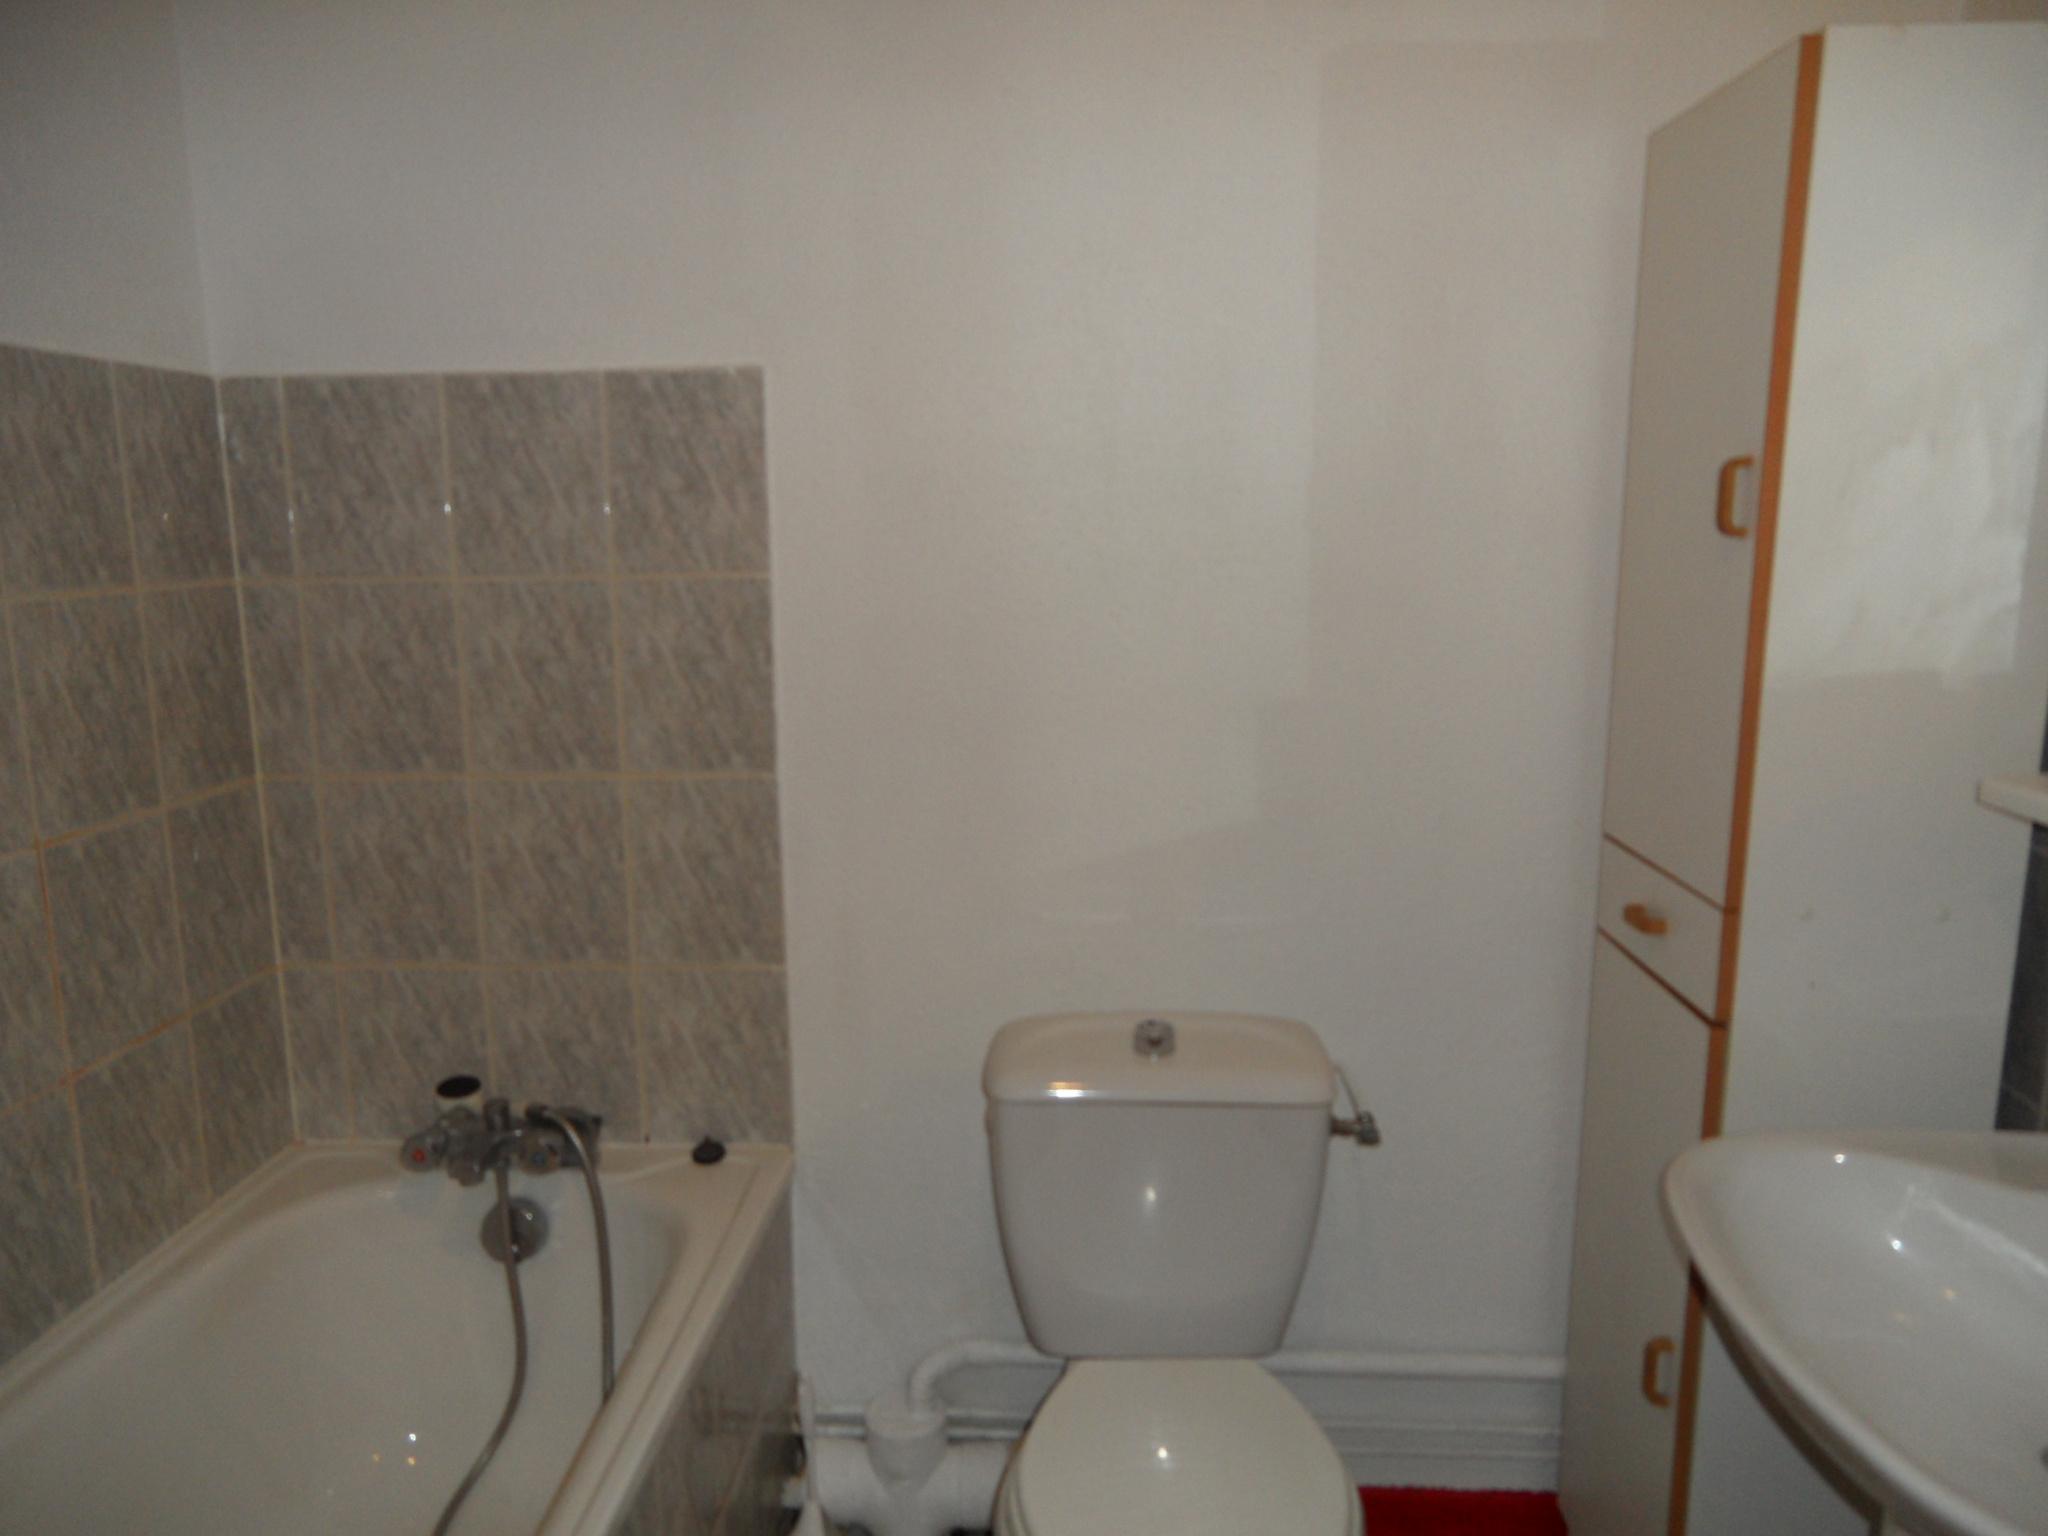 Location Appartement A Belfort 1 Piece 28m 380 Mois Sur Le Partenaire